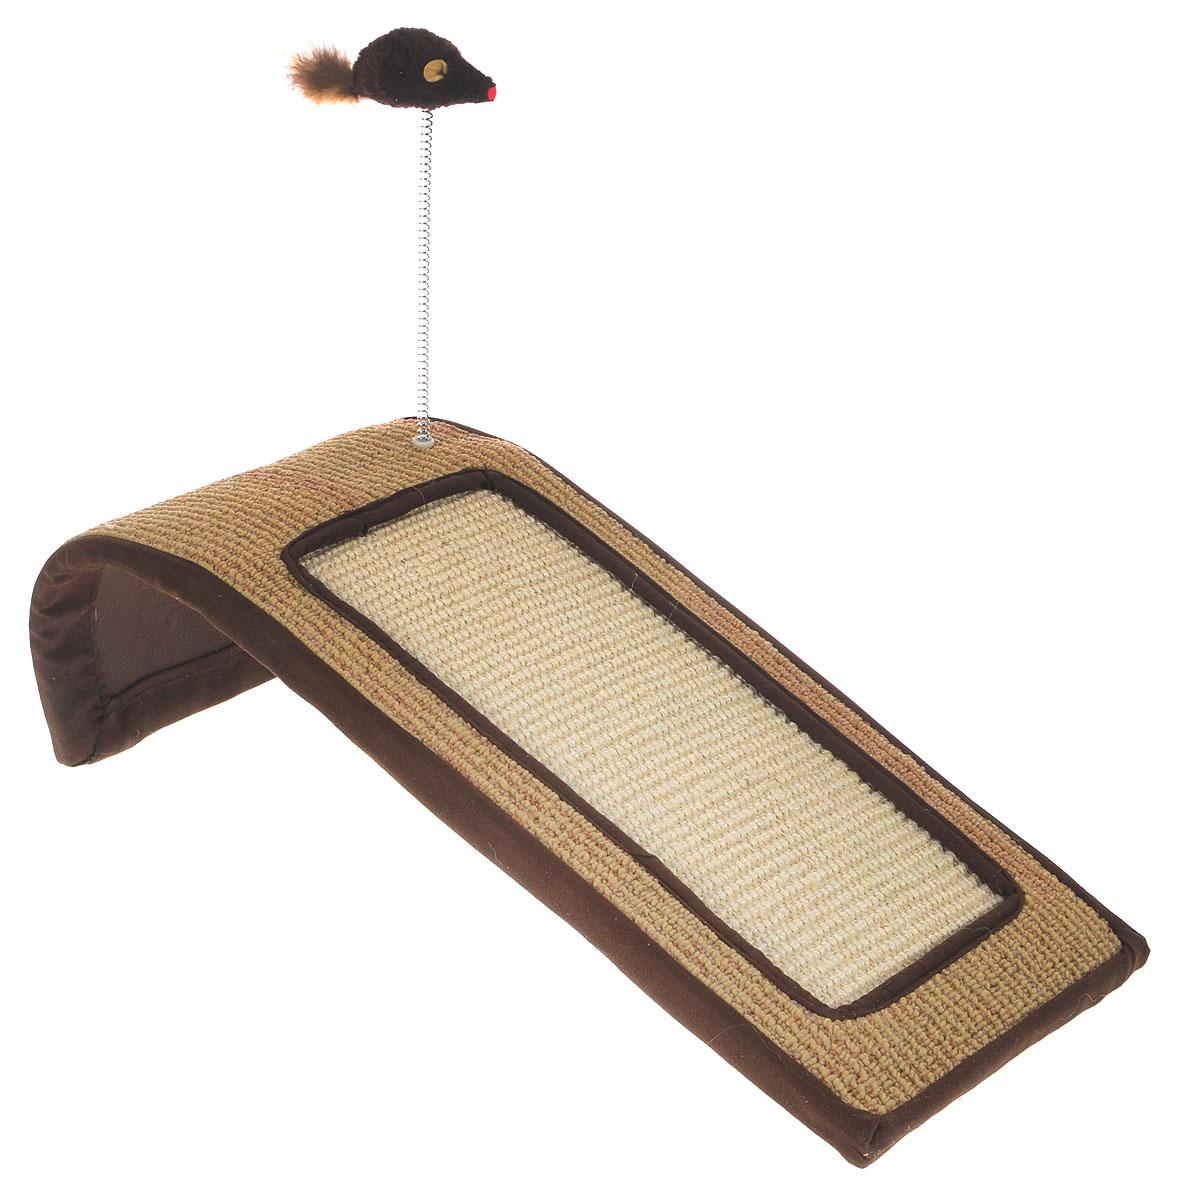 Когтеточка Triol Горка, с игрушкой, цвет: коричневый, бежевый, слоновая кость, 50 х 22 х 14 смNT144Когтеточка Triol Горка станет любимым местом для вашего питомца. Мышка на пружине привлечет дополнительное внимание к когтеточке. Изделие выполнено из ДСП, текстиля, ковролина и сизаля. Структура материала когтеточки позволяет кошачьим лапкам проникать внутрь и извлекаться с высоким трением, так что ороговевшие частички когтя остаются внутри волокон. По своей природе сизаль обладает уникальным антистатическим свойством, следовательно, когтеточка не накапливает пыль, что является дополнительным привлекательным качеством, поскольку облегчает процесс уборки.